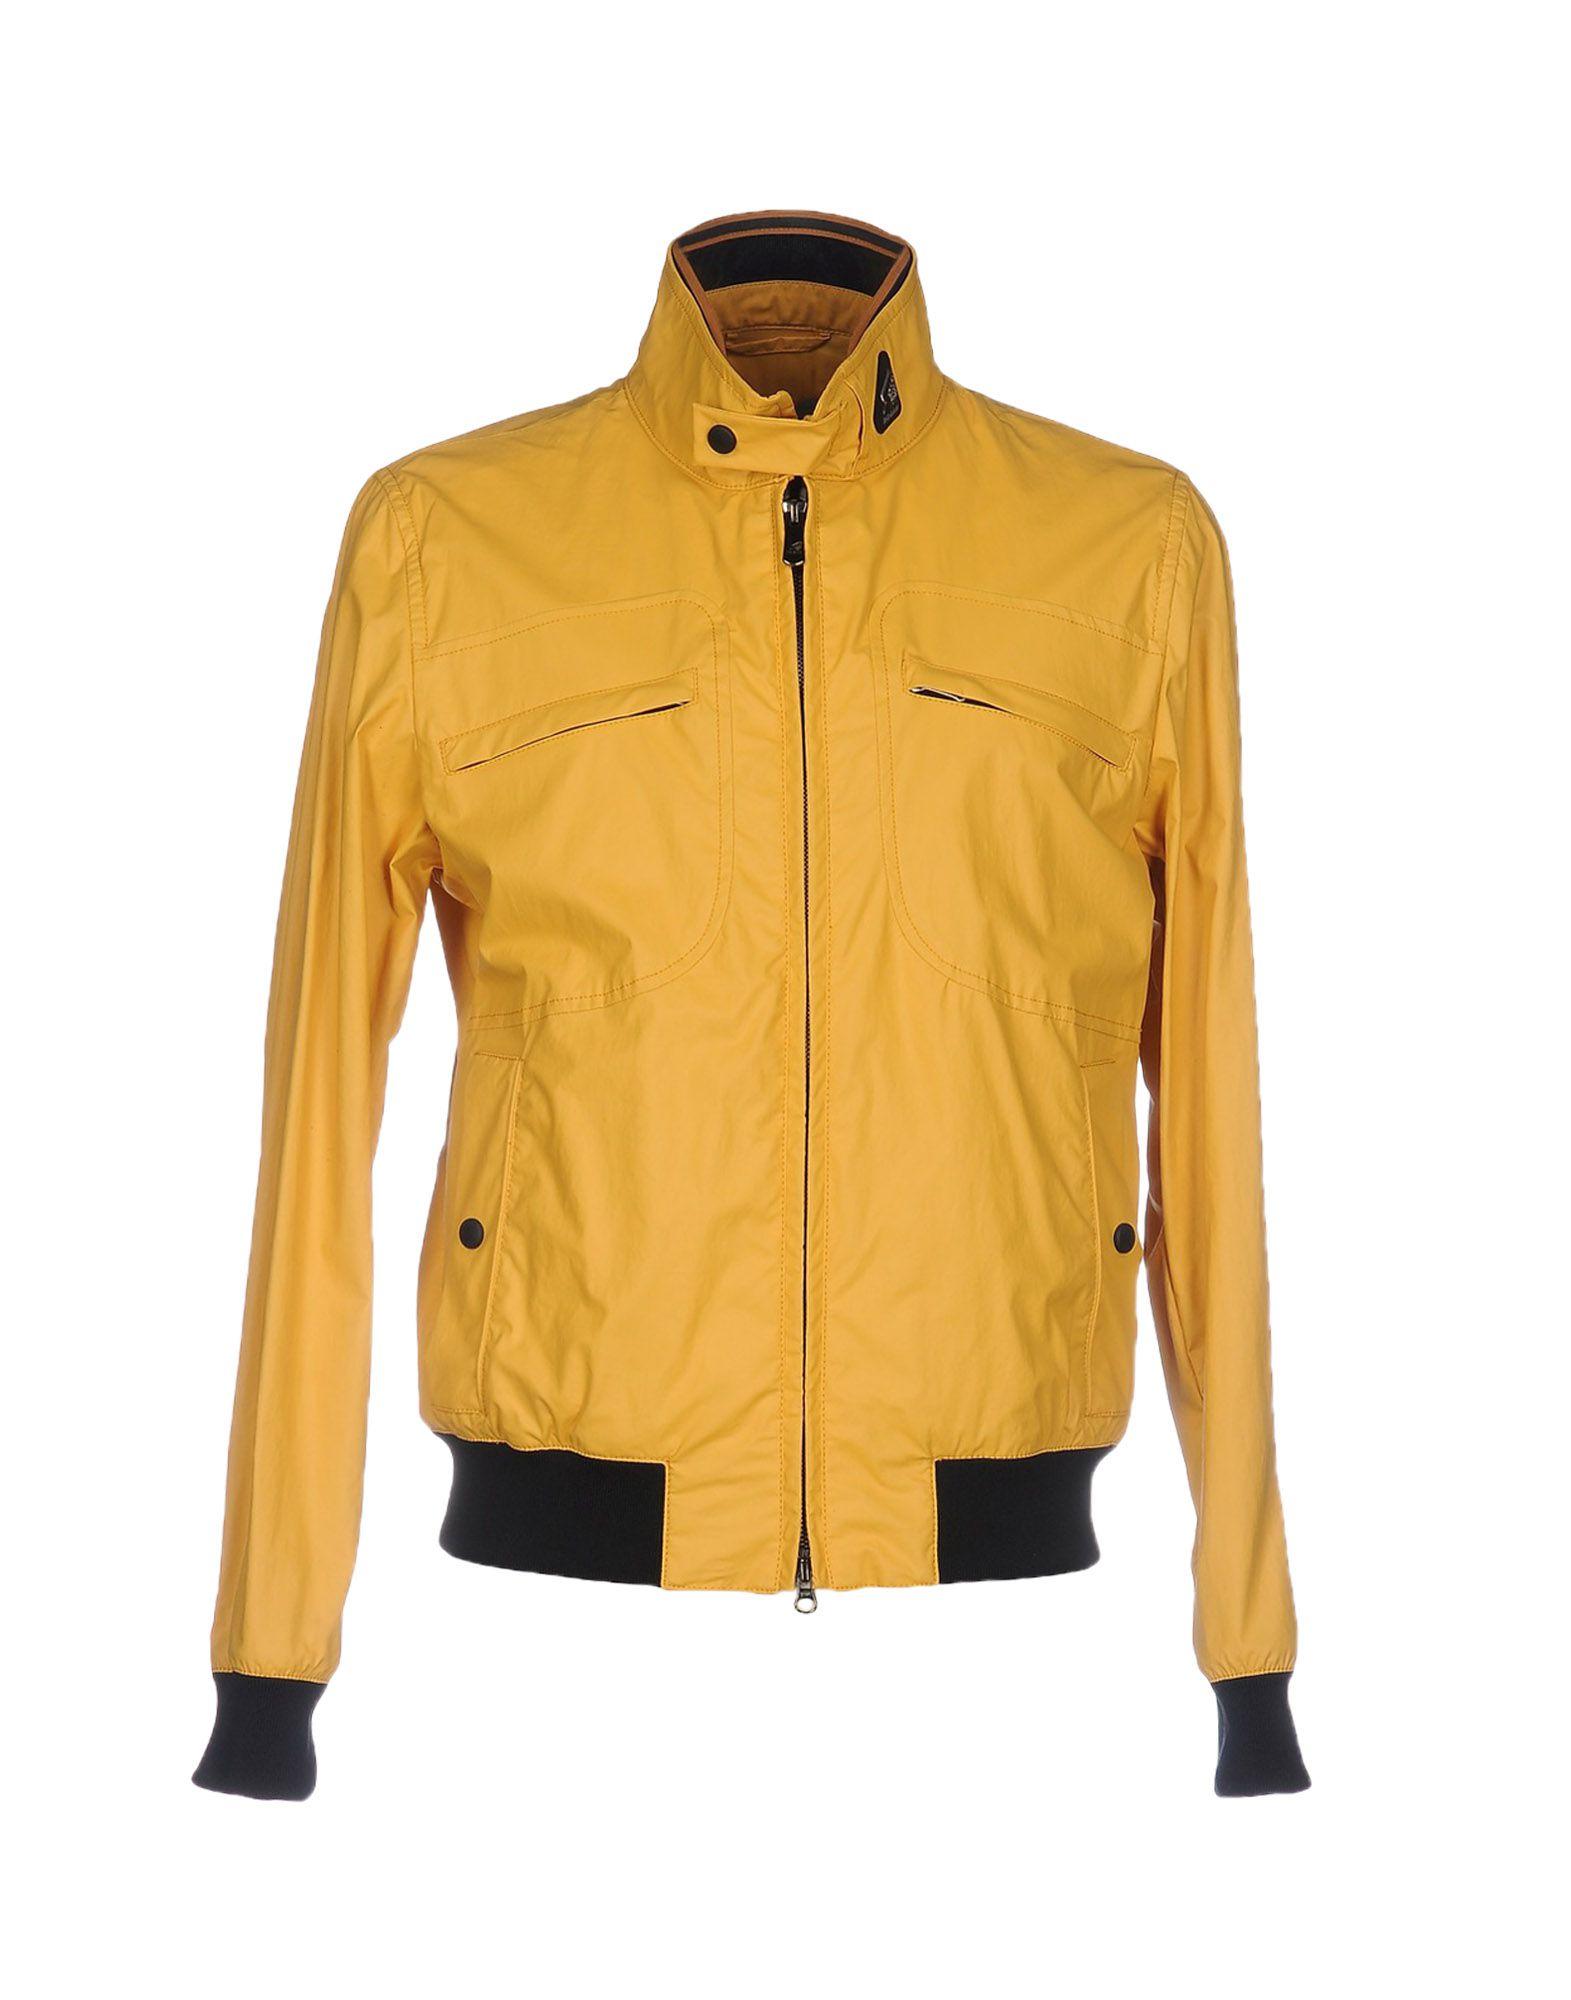 HOGAN Jackets